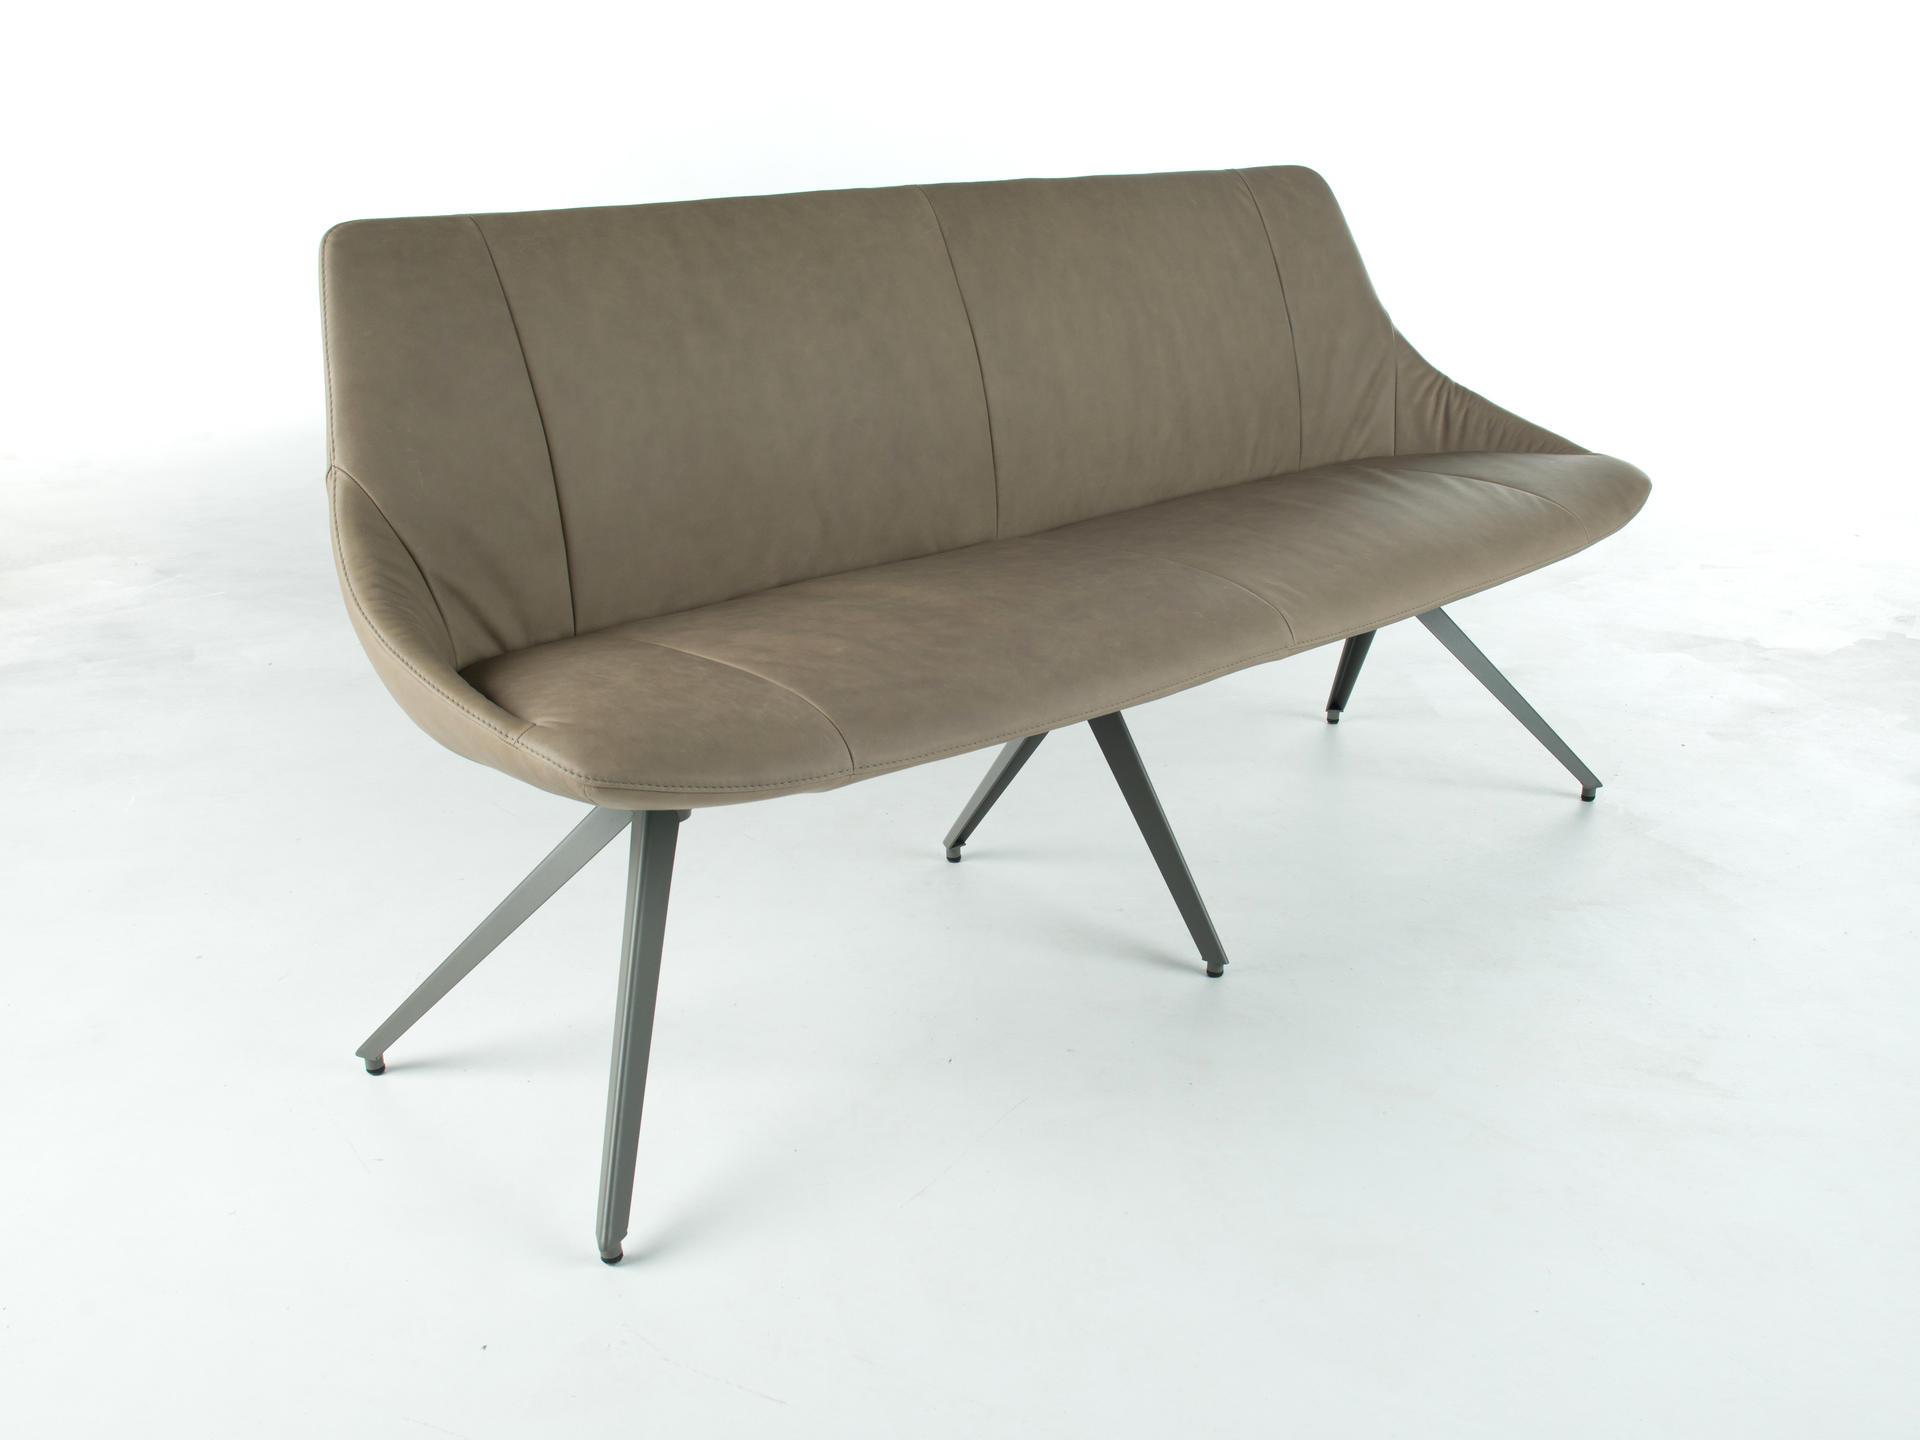 Скамья Maple bench, Bert Plantagie